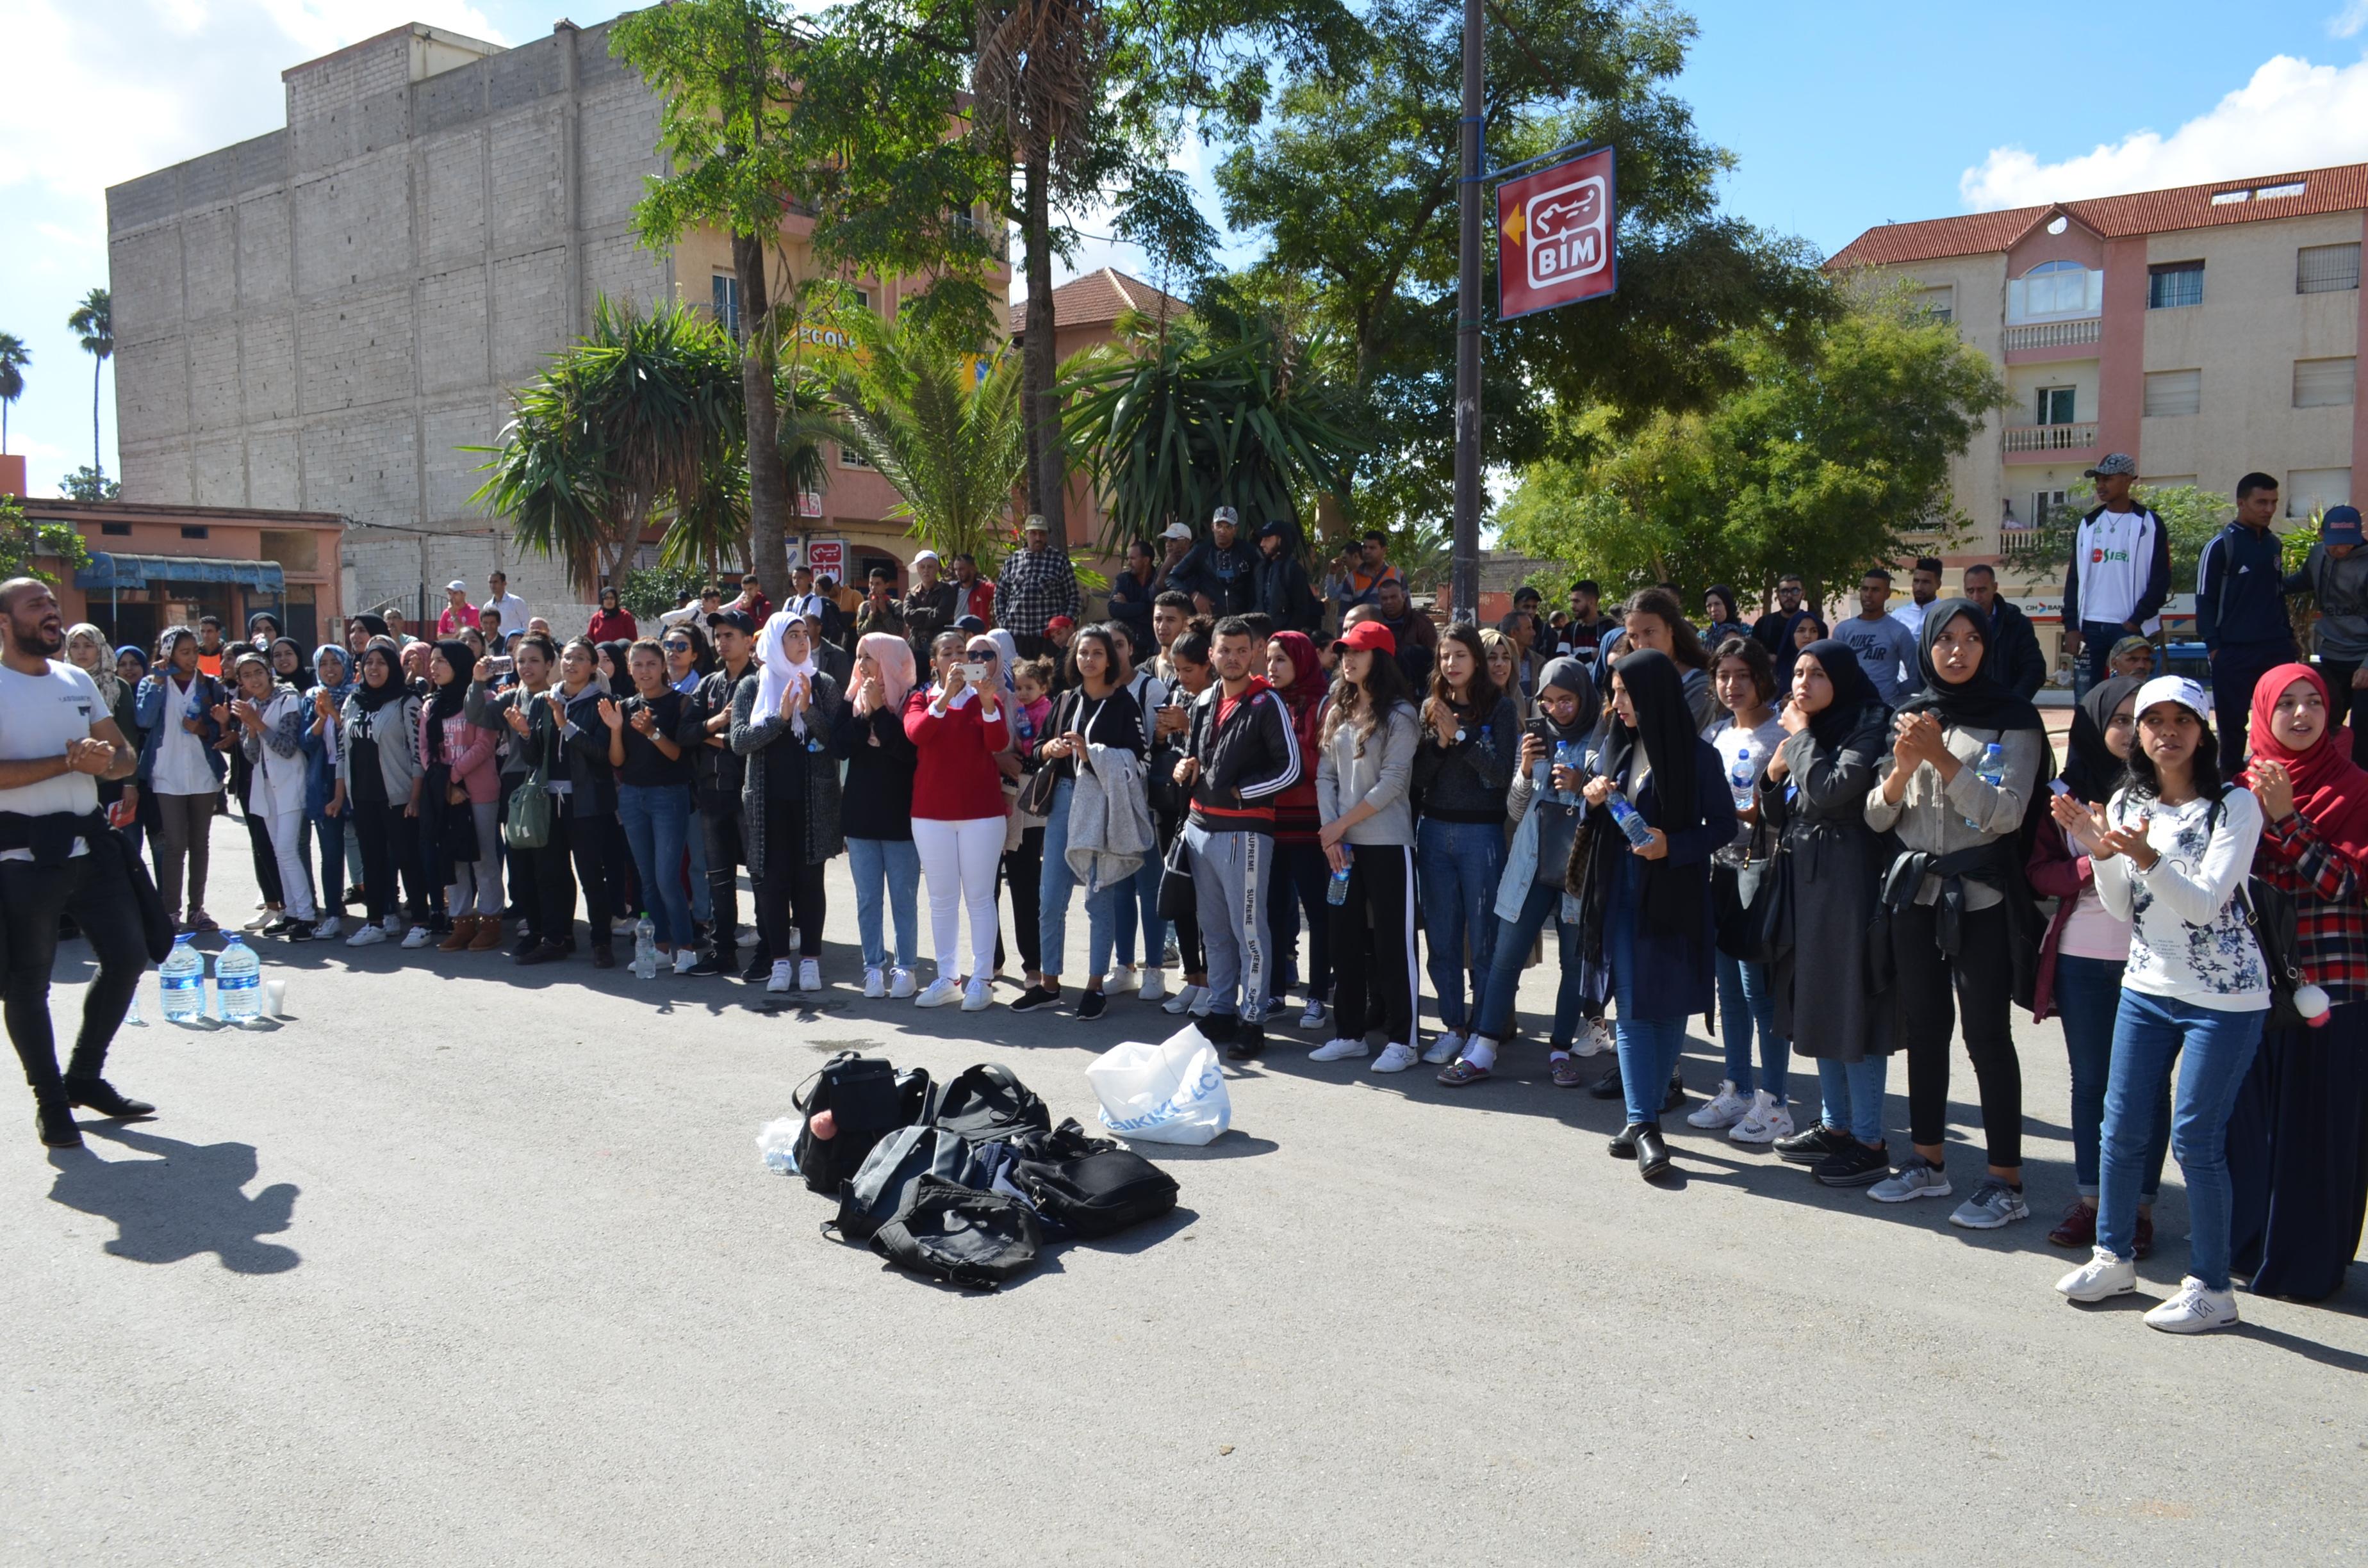 """طلبة بنسليمان يواصلون الإحتجاج ضد شركة النقل العمومي """"لوكس"""""""